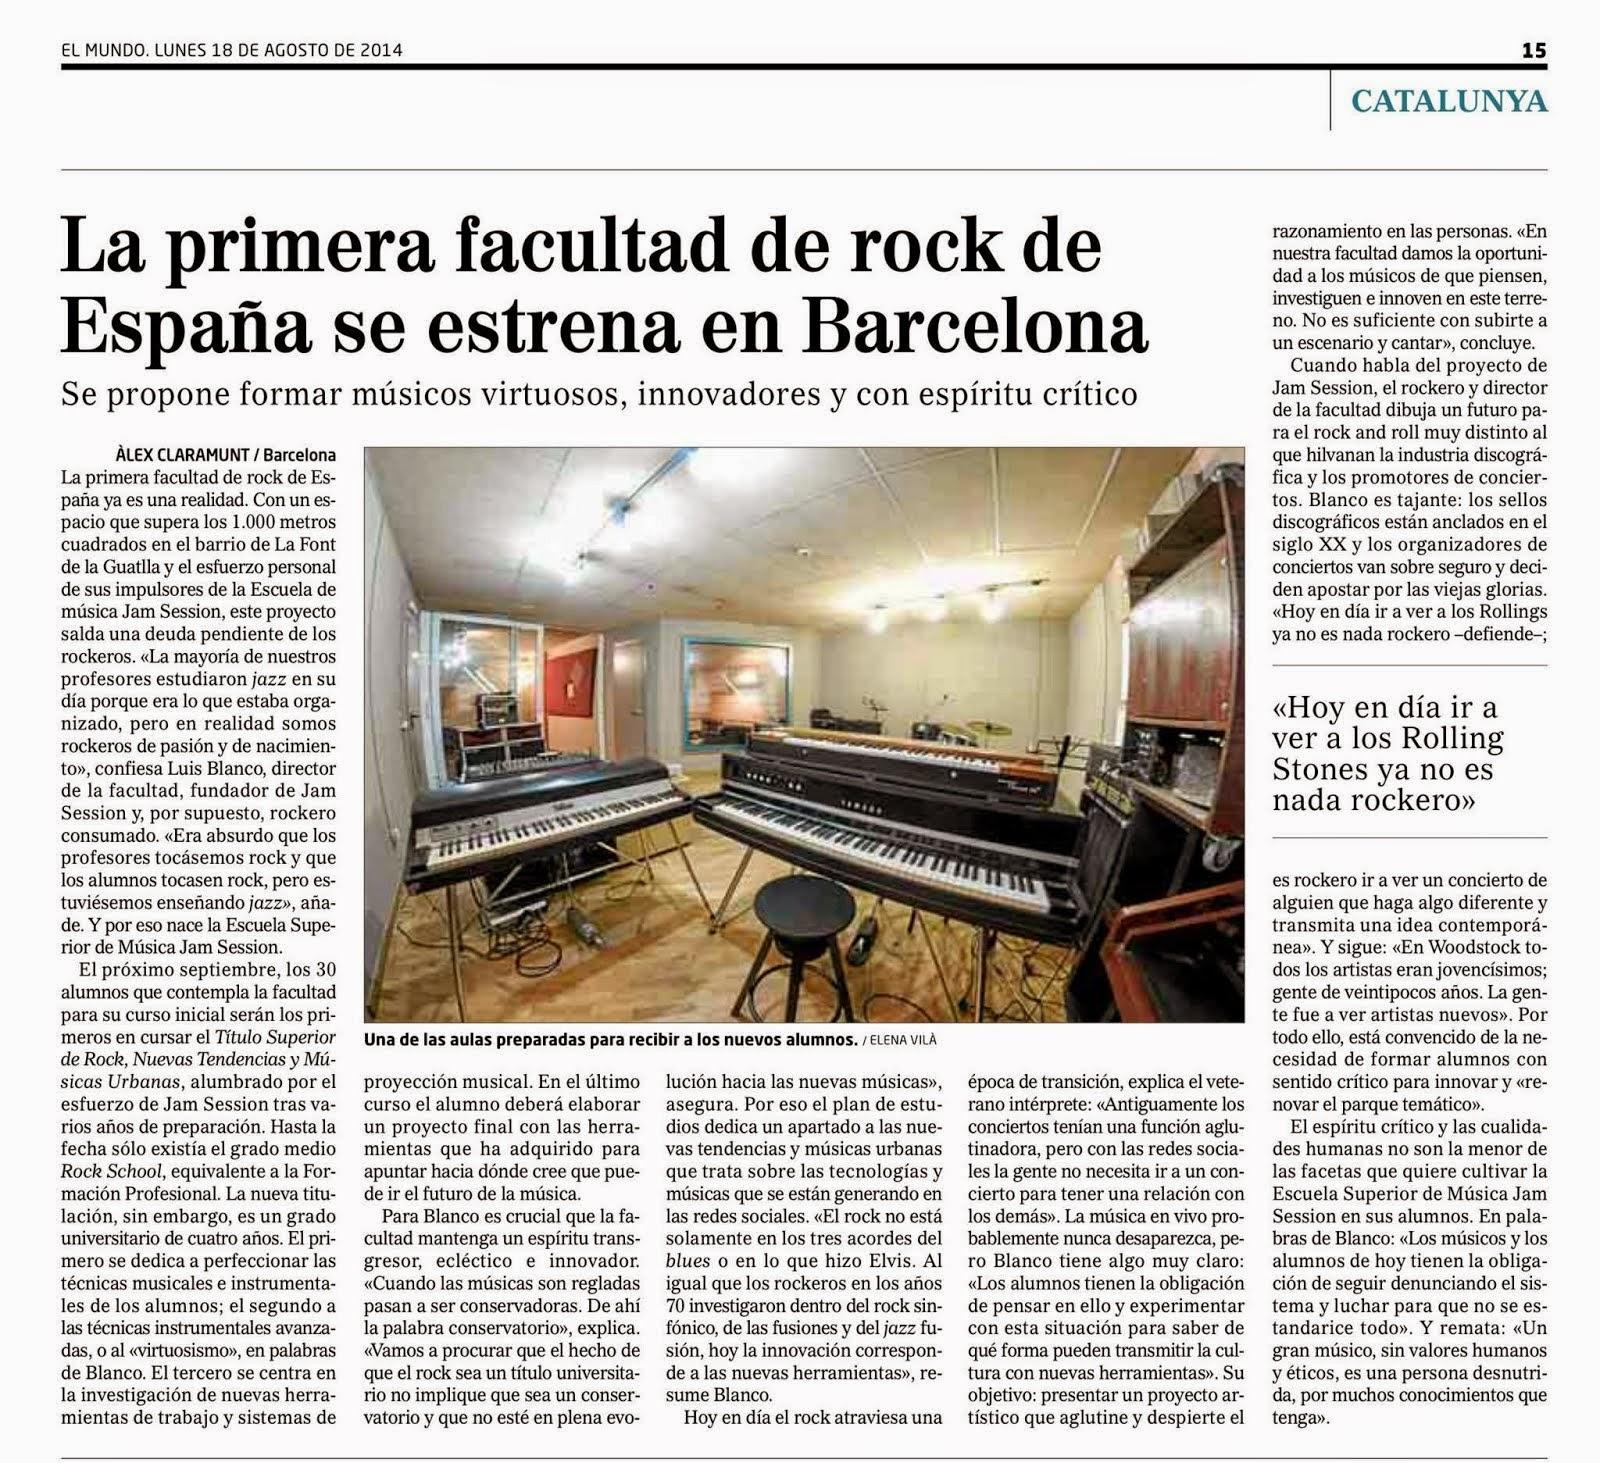 PRIMERA FACULTAD DE ROCK Y NUEVAS TENDENCIAS